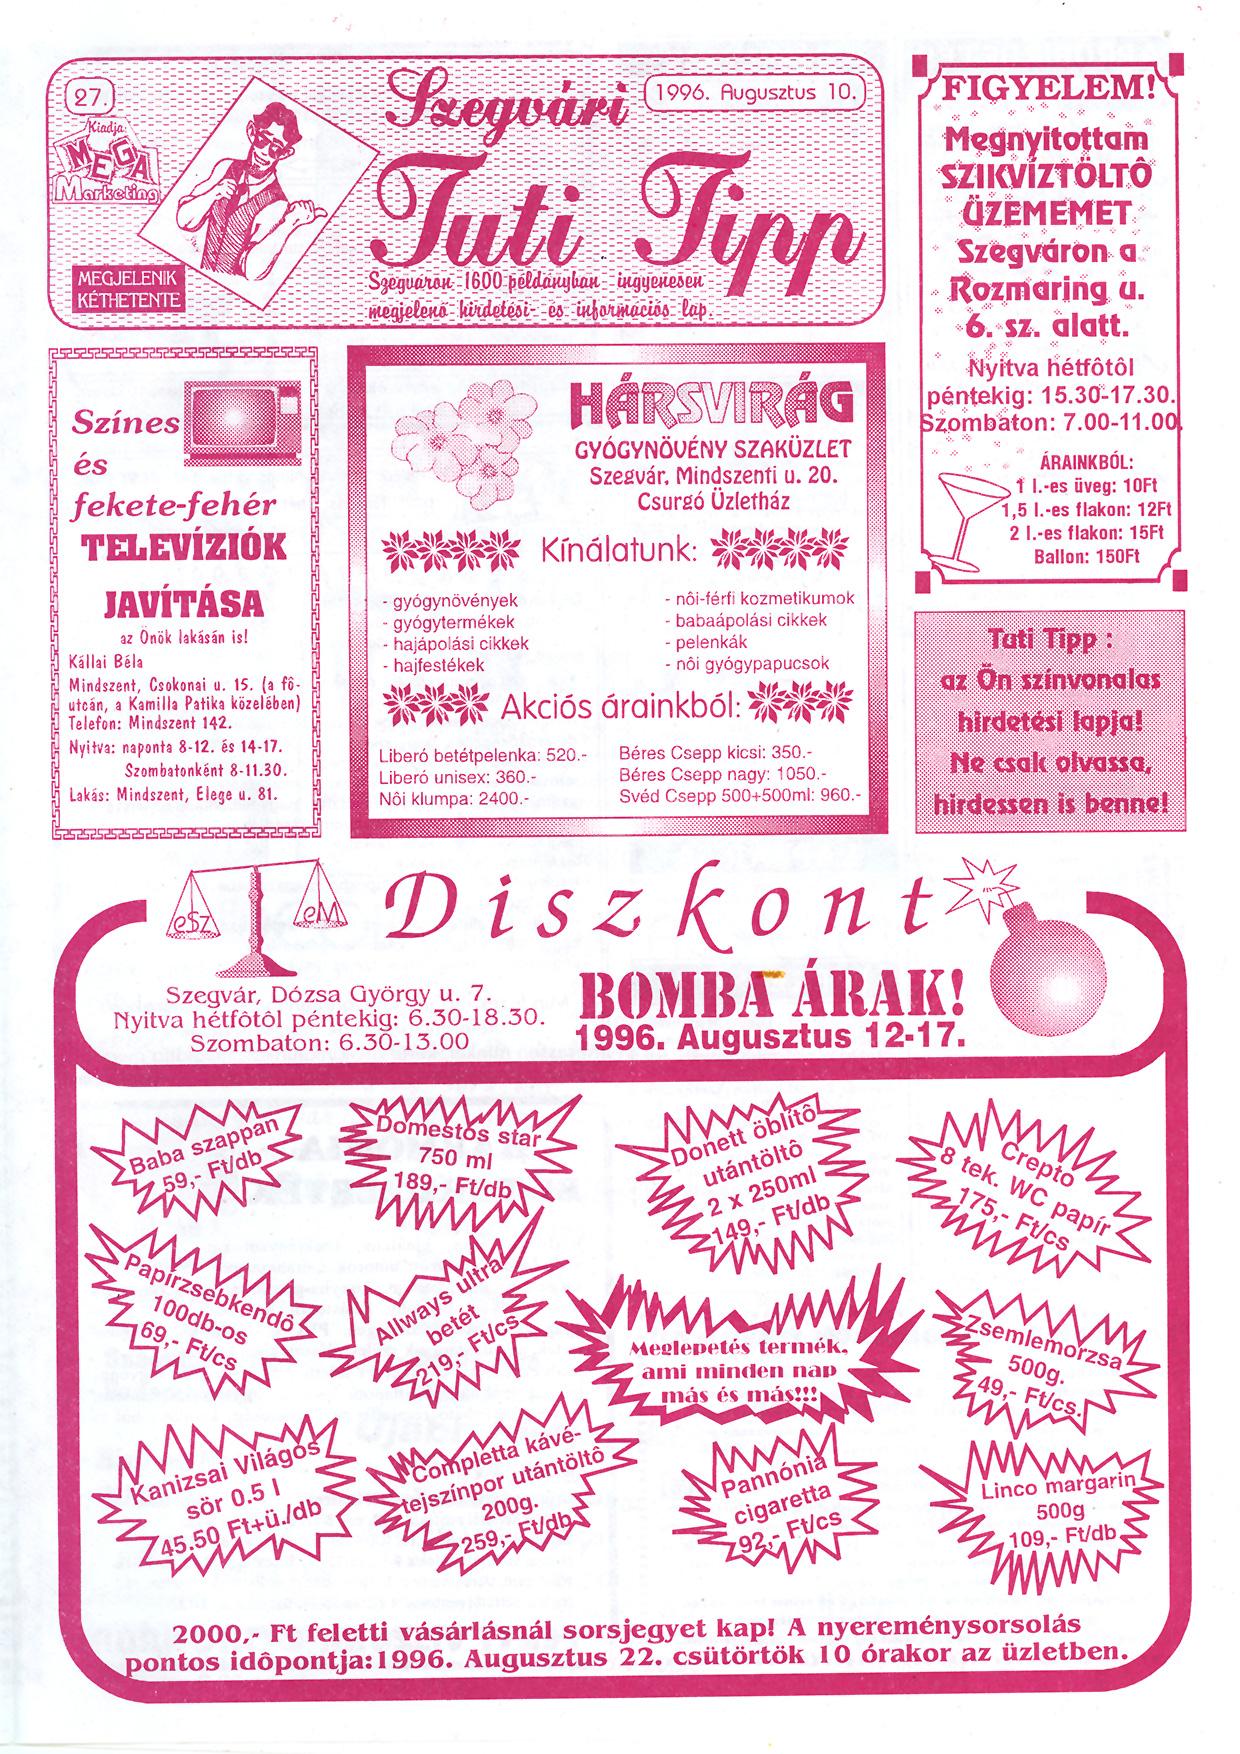 037 Szegvári Tuti Tipp reklámújság - 19960810-027. lapszám - 1.oldal - II. évfolyam.jpg